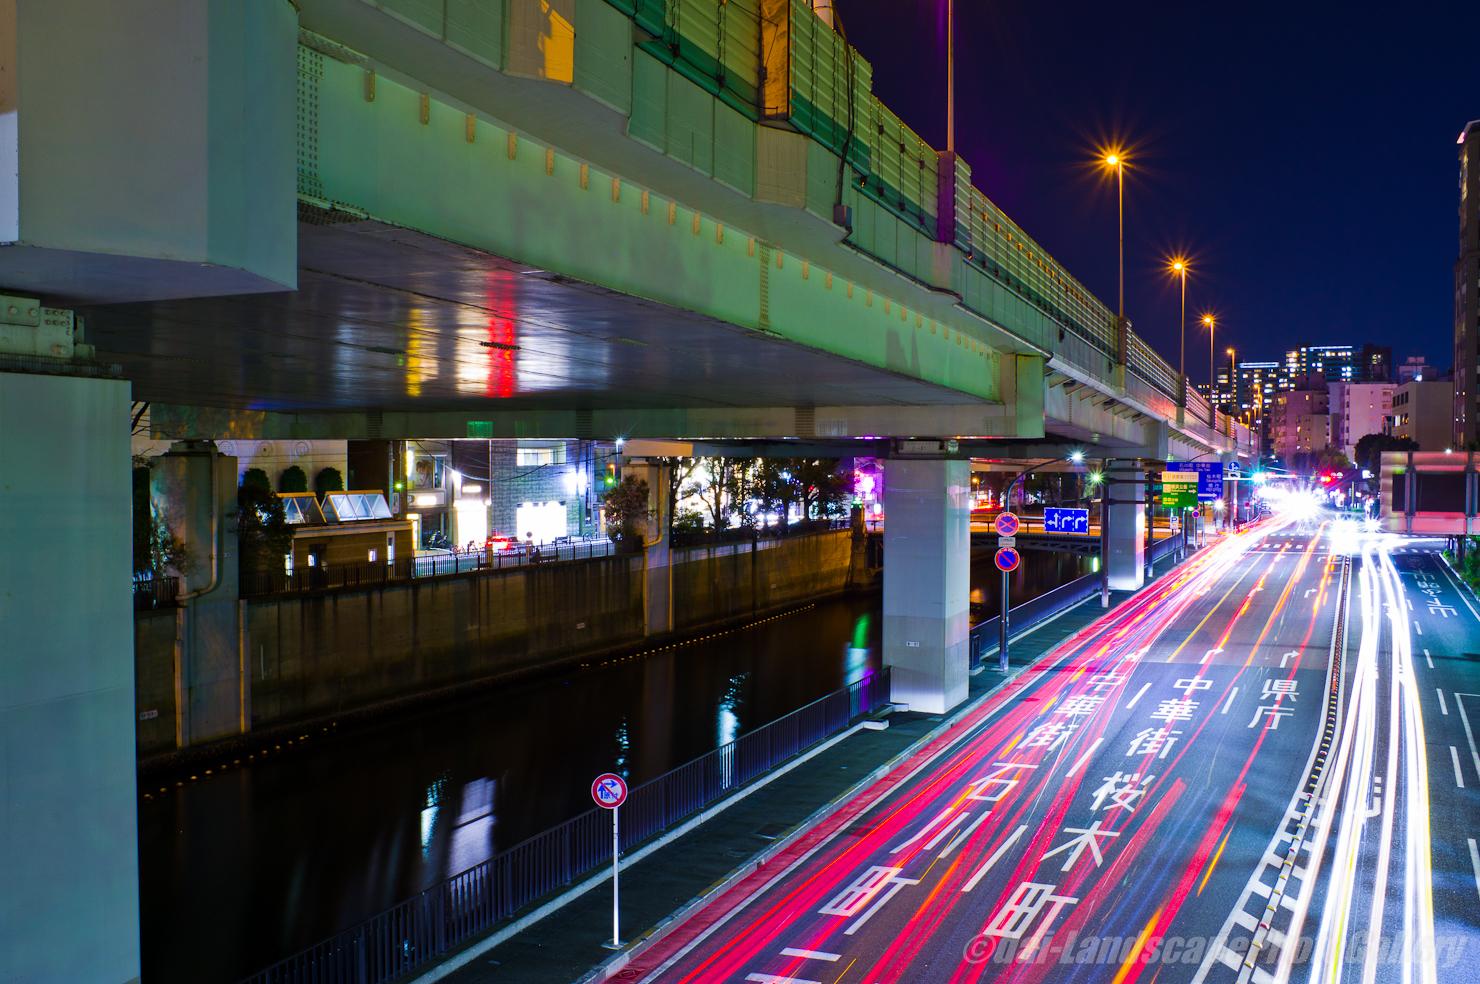 横浜首都高高架下夜景